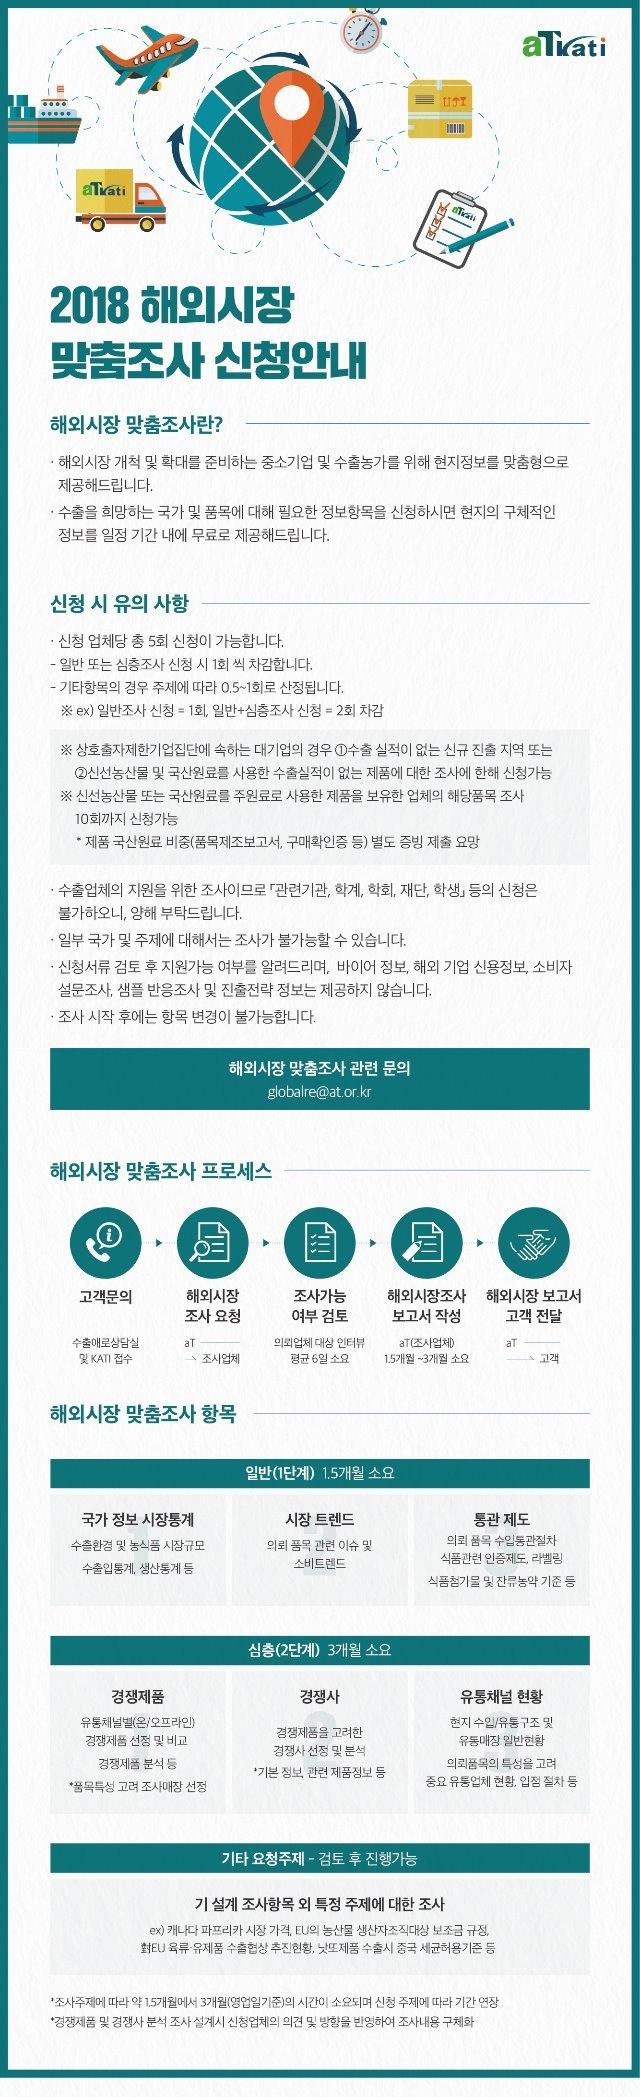 ★해외시장 맞춤조사 신청안내 공고문.jpg